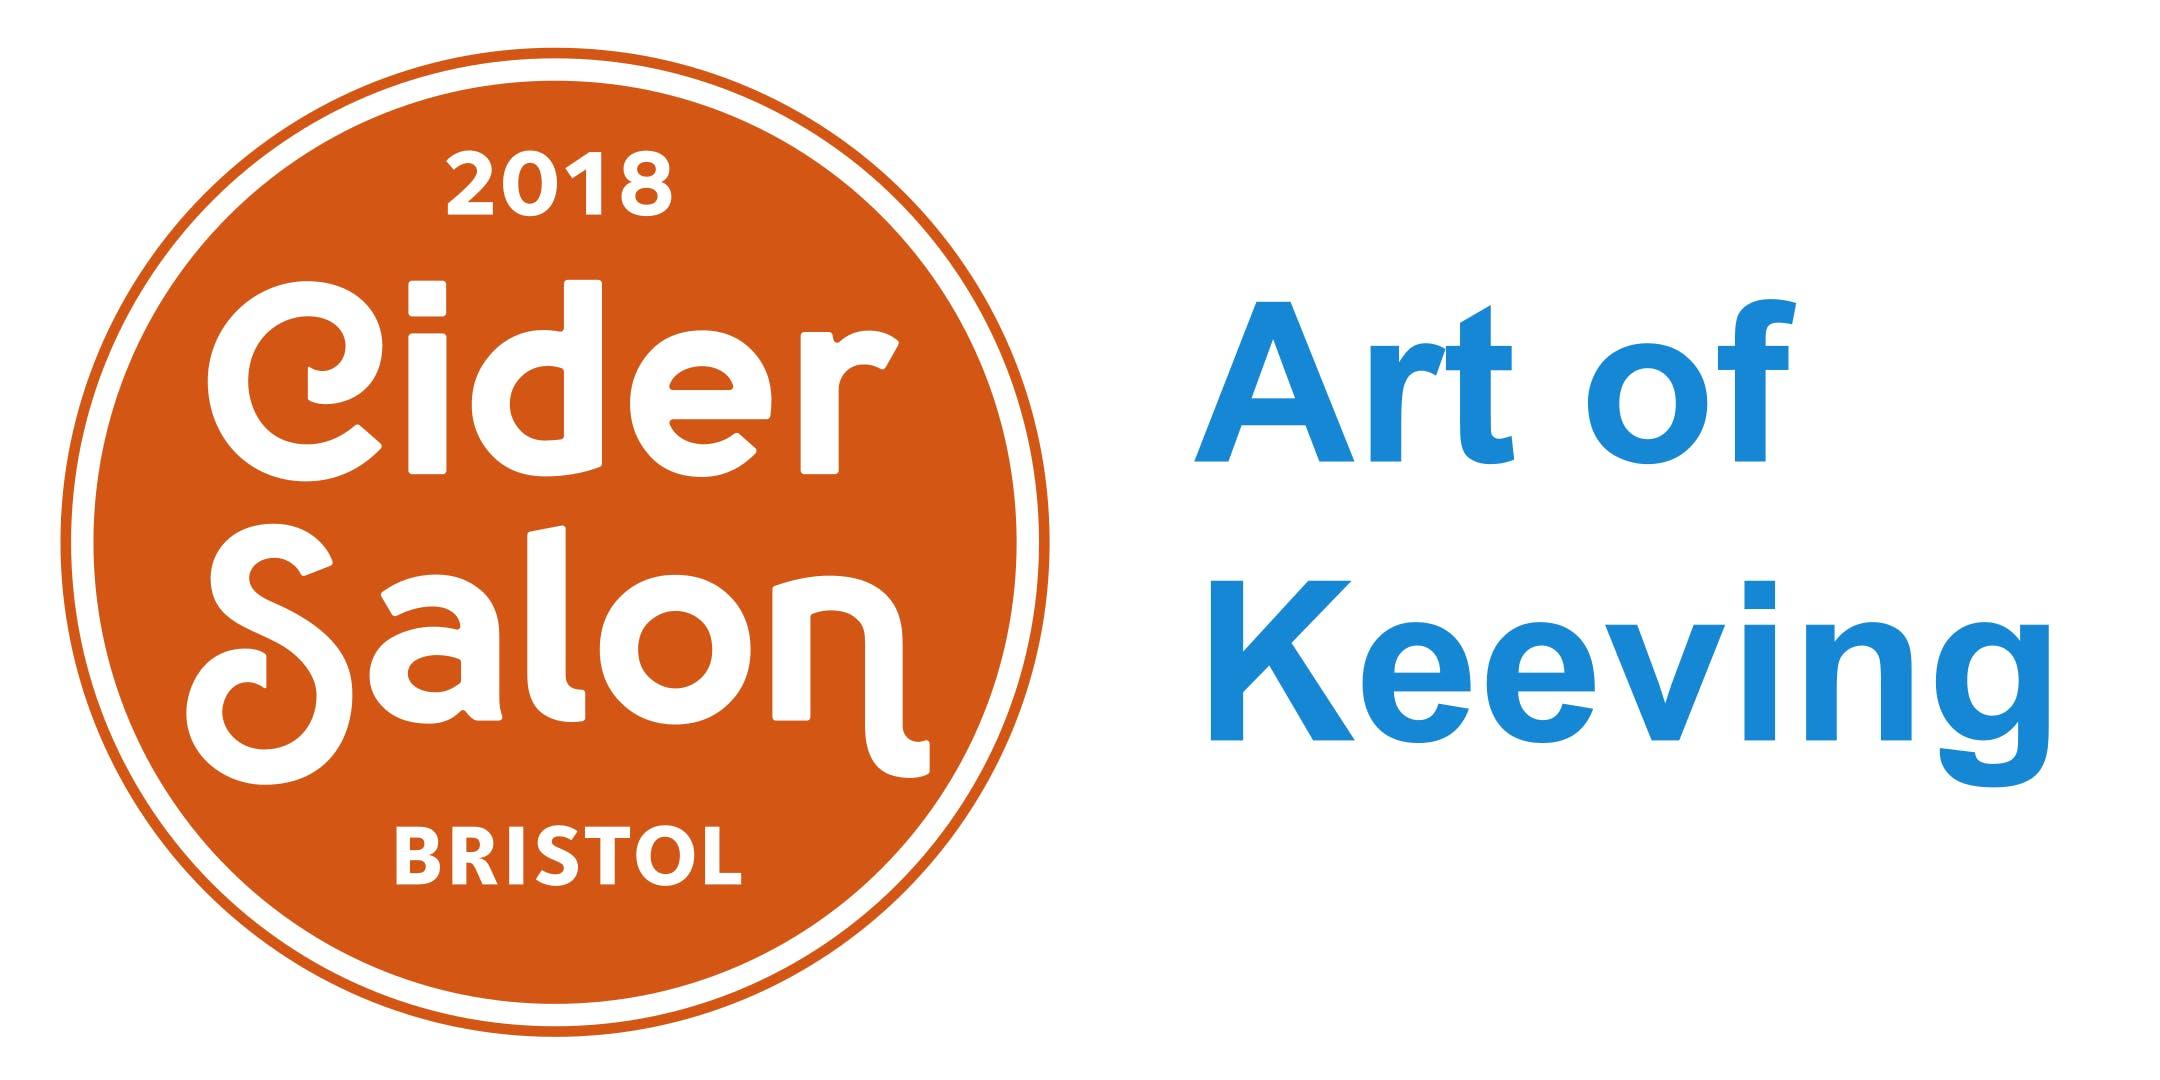 Art of Keeving | Cider Salon Bristol 2018